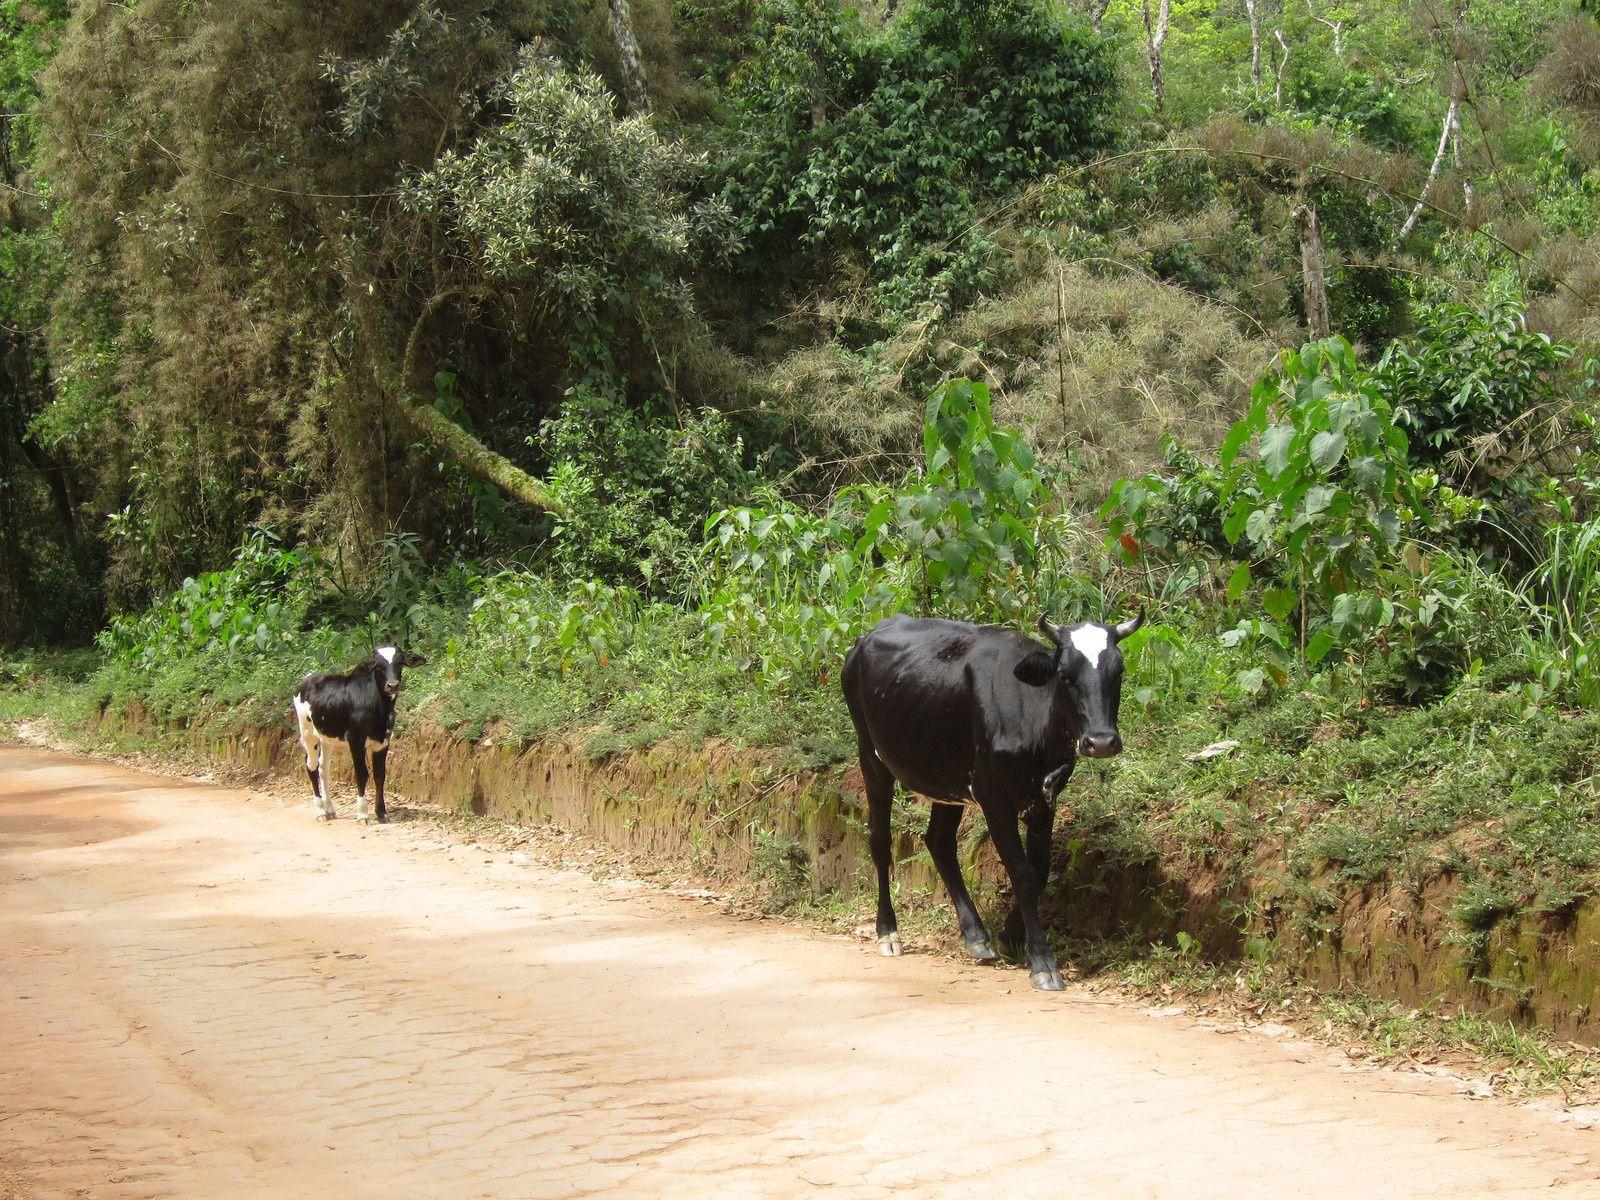 sur le retour : tiens une maman et son veau qui se font la malle : on a beaucoup exagéré sur la perfection des brésiliennes, qui sont souvent bien en chair. En revanche les vaches ...